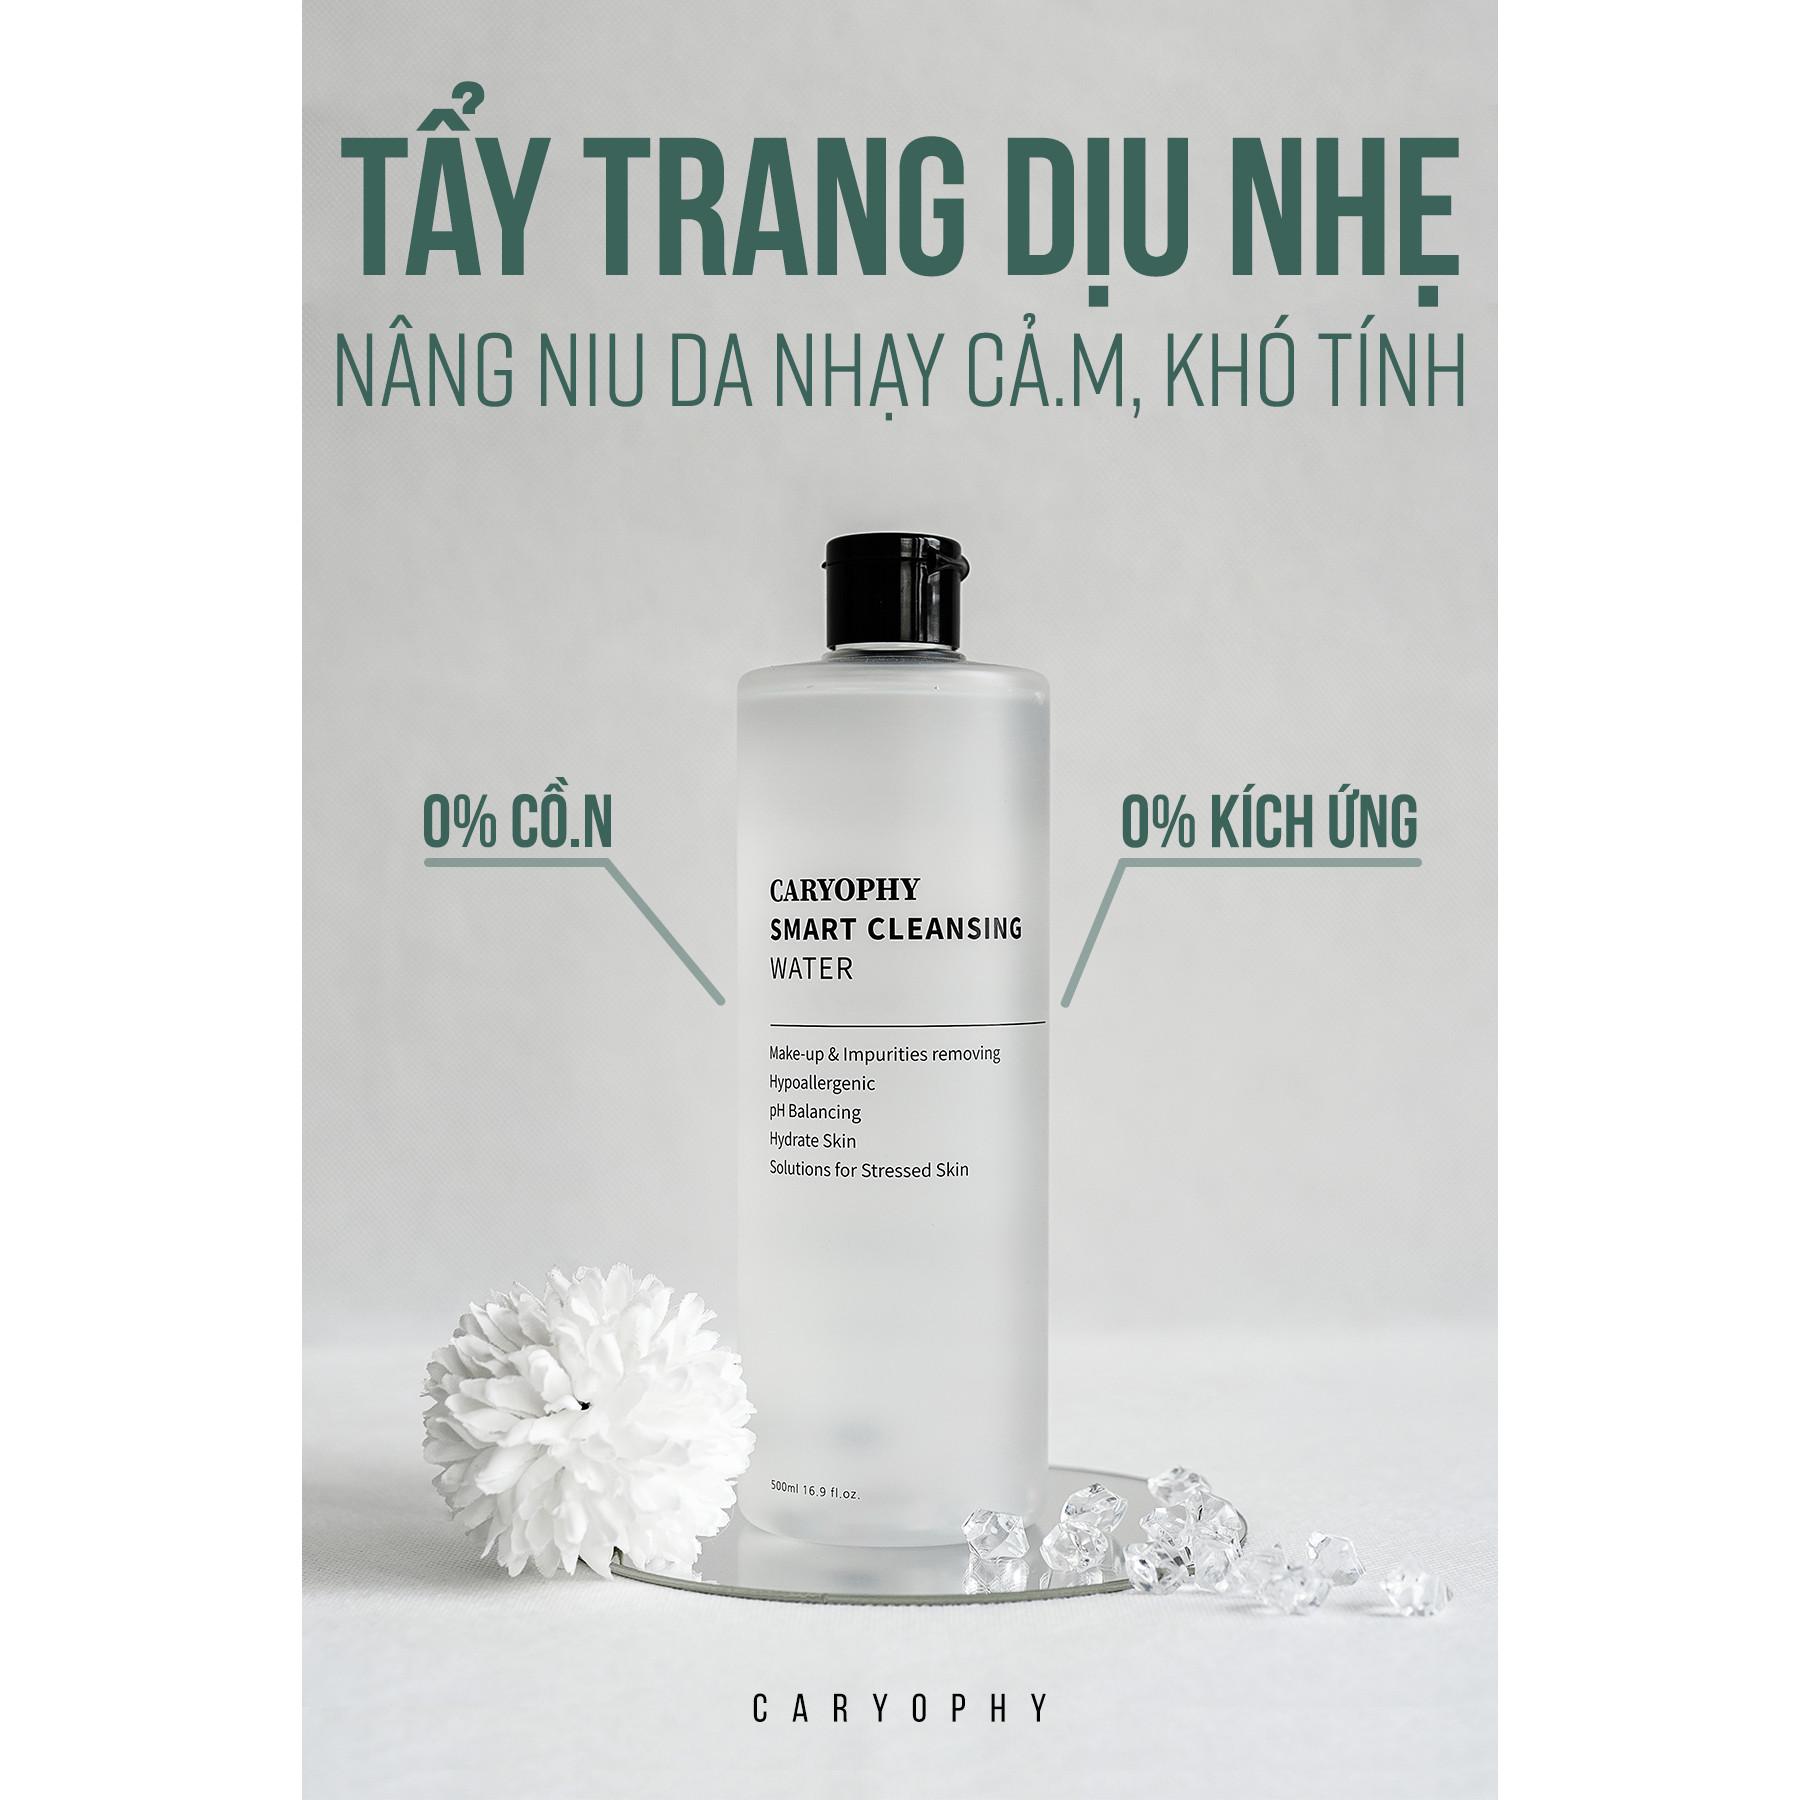 Nước Tẩy Trang Thông Minh Caryophy Smart Cleansing Water - 300ml 500ml (Nước Tẩy Trang Ngăn Ngừa Mụn)